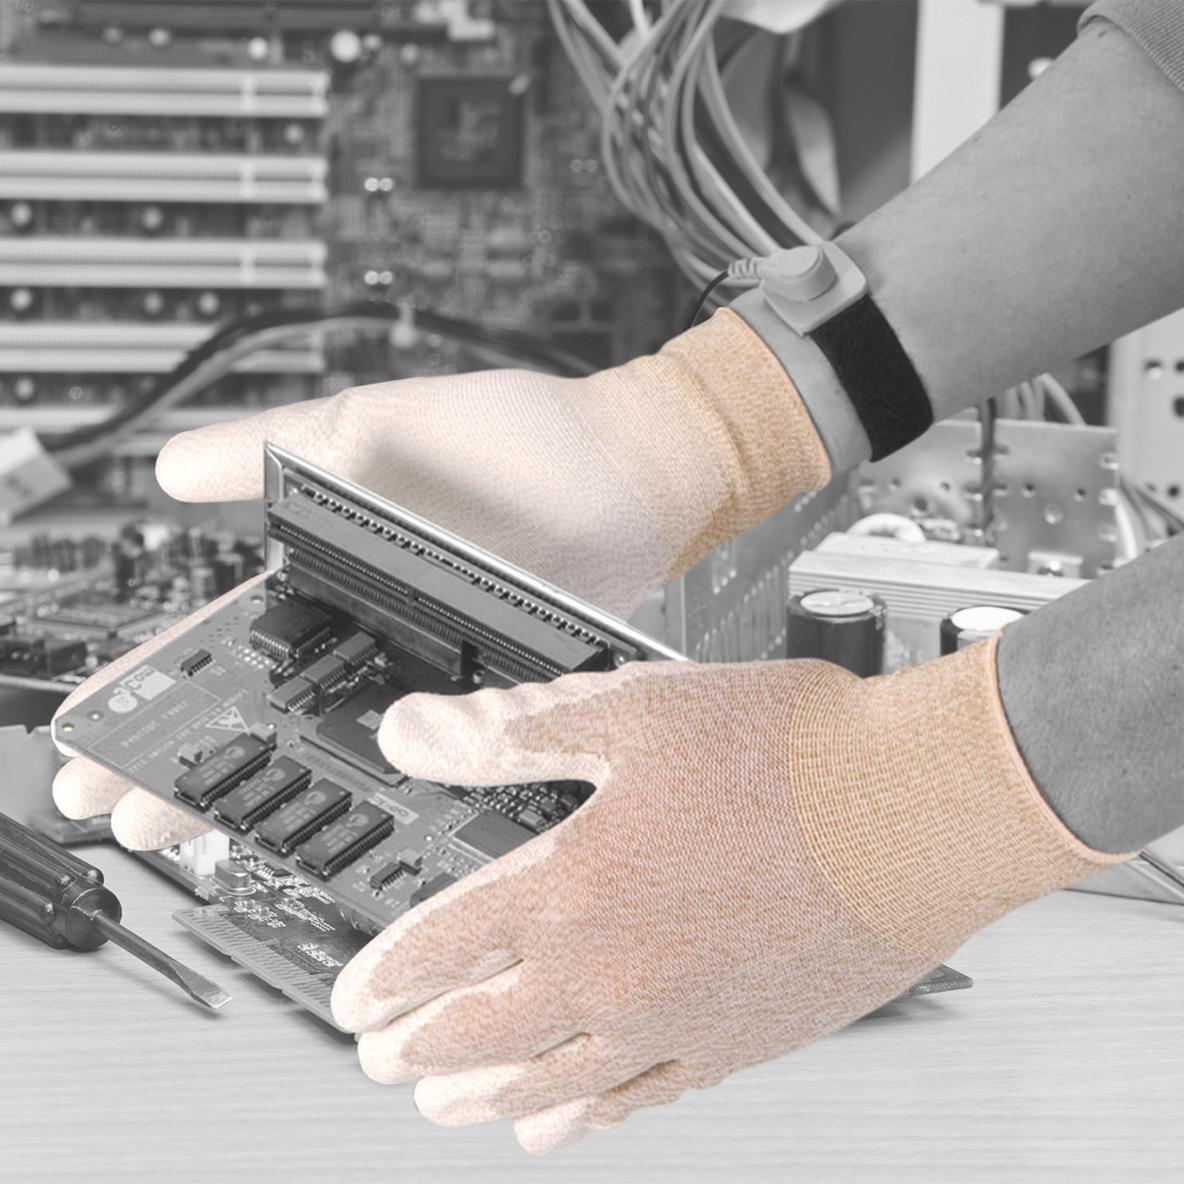 Specialist Work Gloves